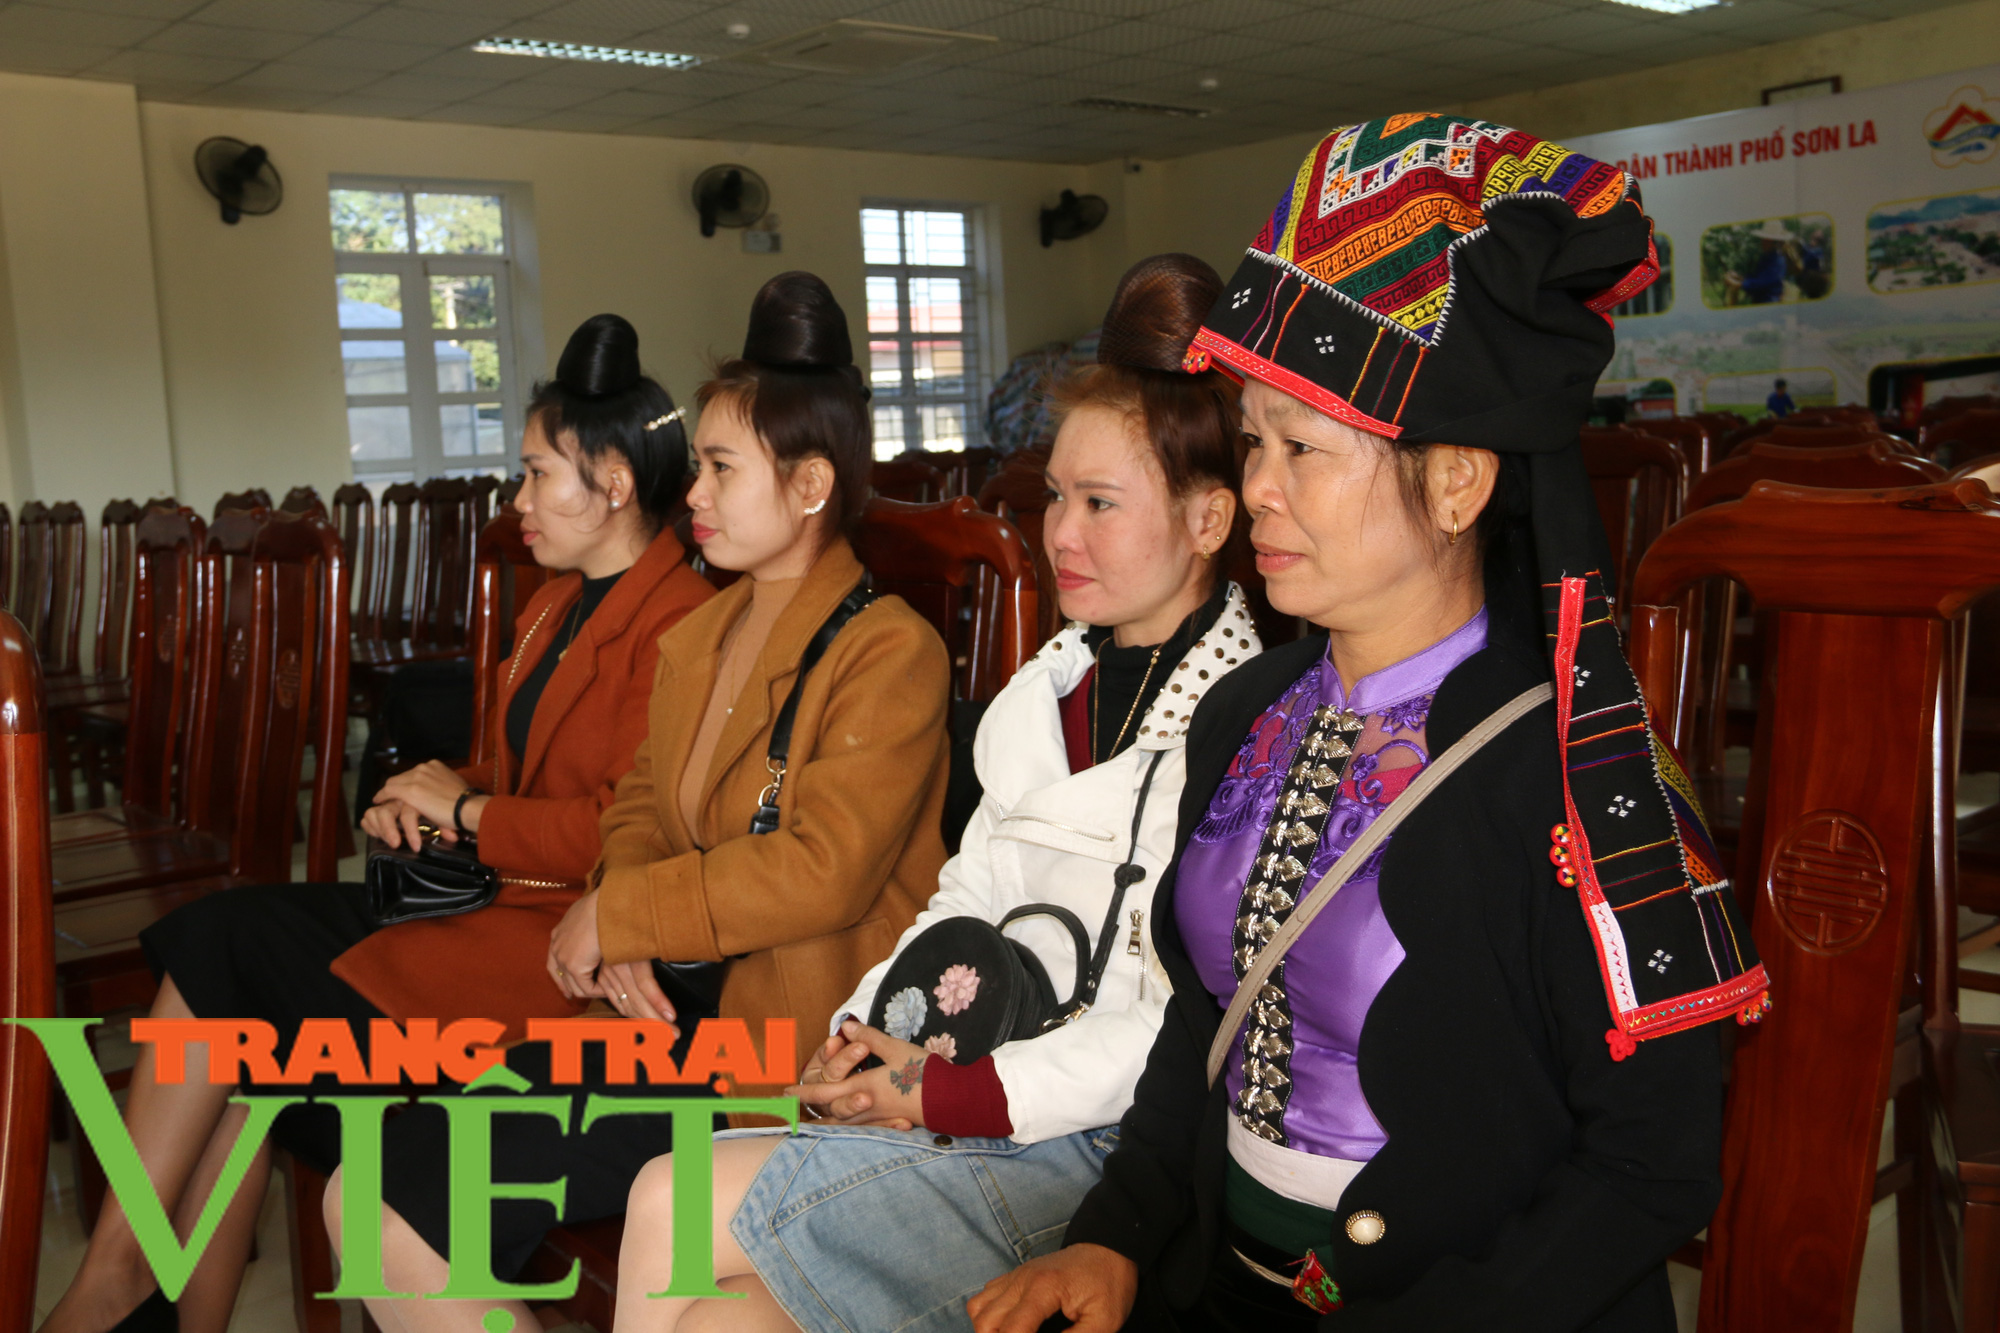 Hội Nông dân Sơn La hỗ trợ các hội viên phát triển kinh tế - Ảnh 3.